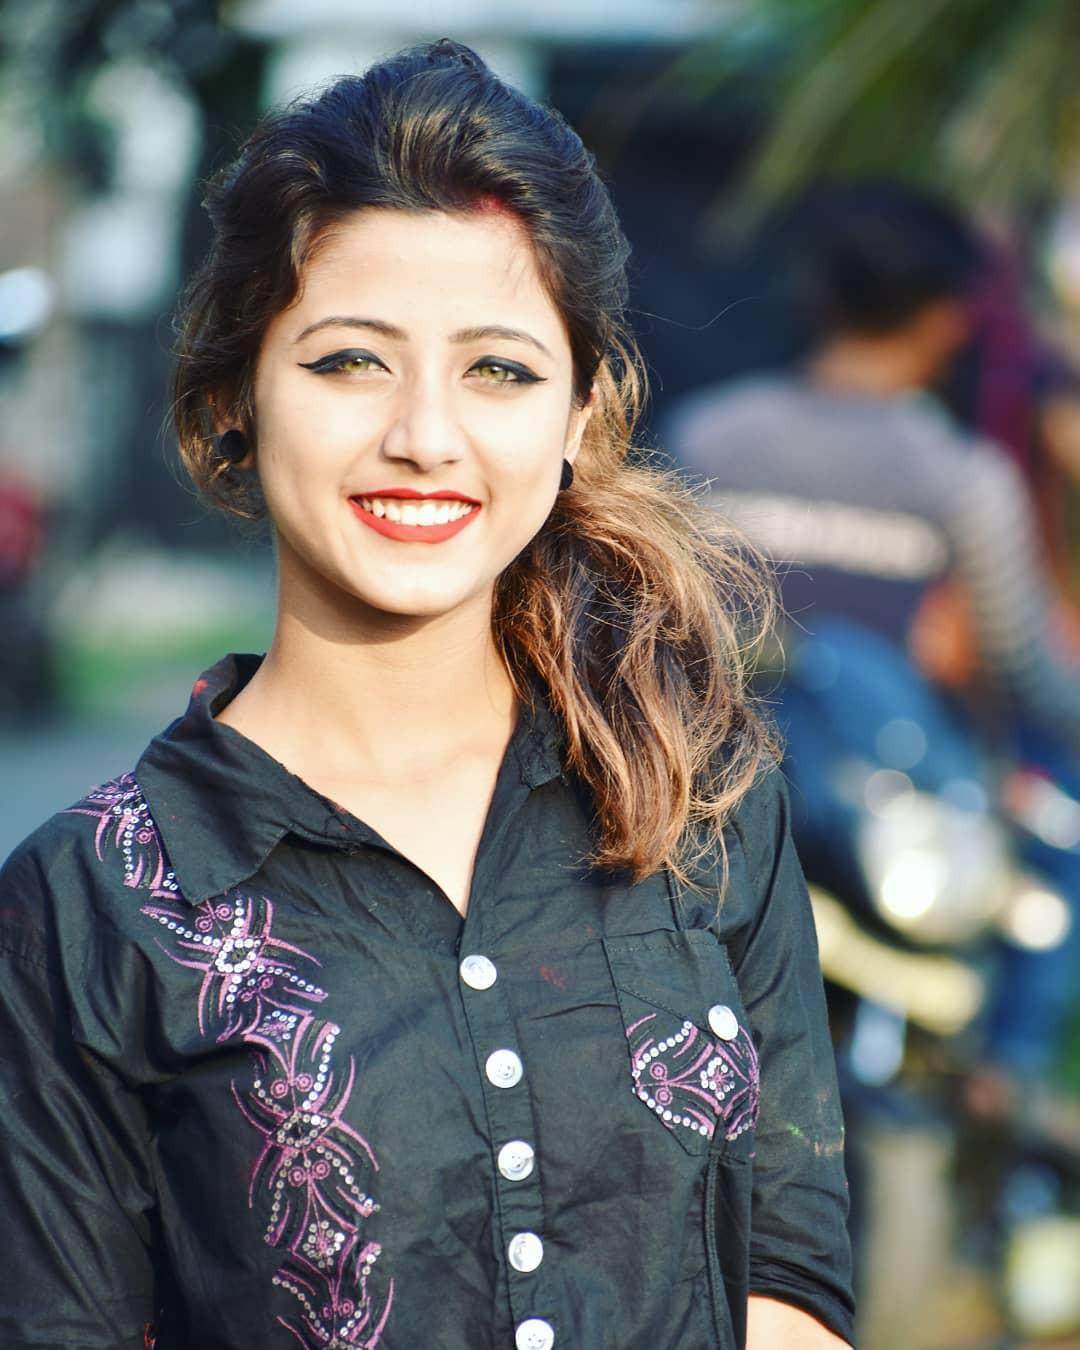 Xuất hiện trong lễ hội Mùa Xuân, thiếu nữ Ấn Độ khiến cộng đồng mạng chao đảo vì nhan sắc đẹp tựa thần tiên - Ảnh 9.